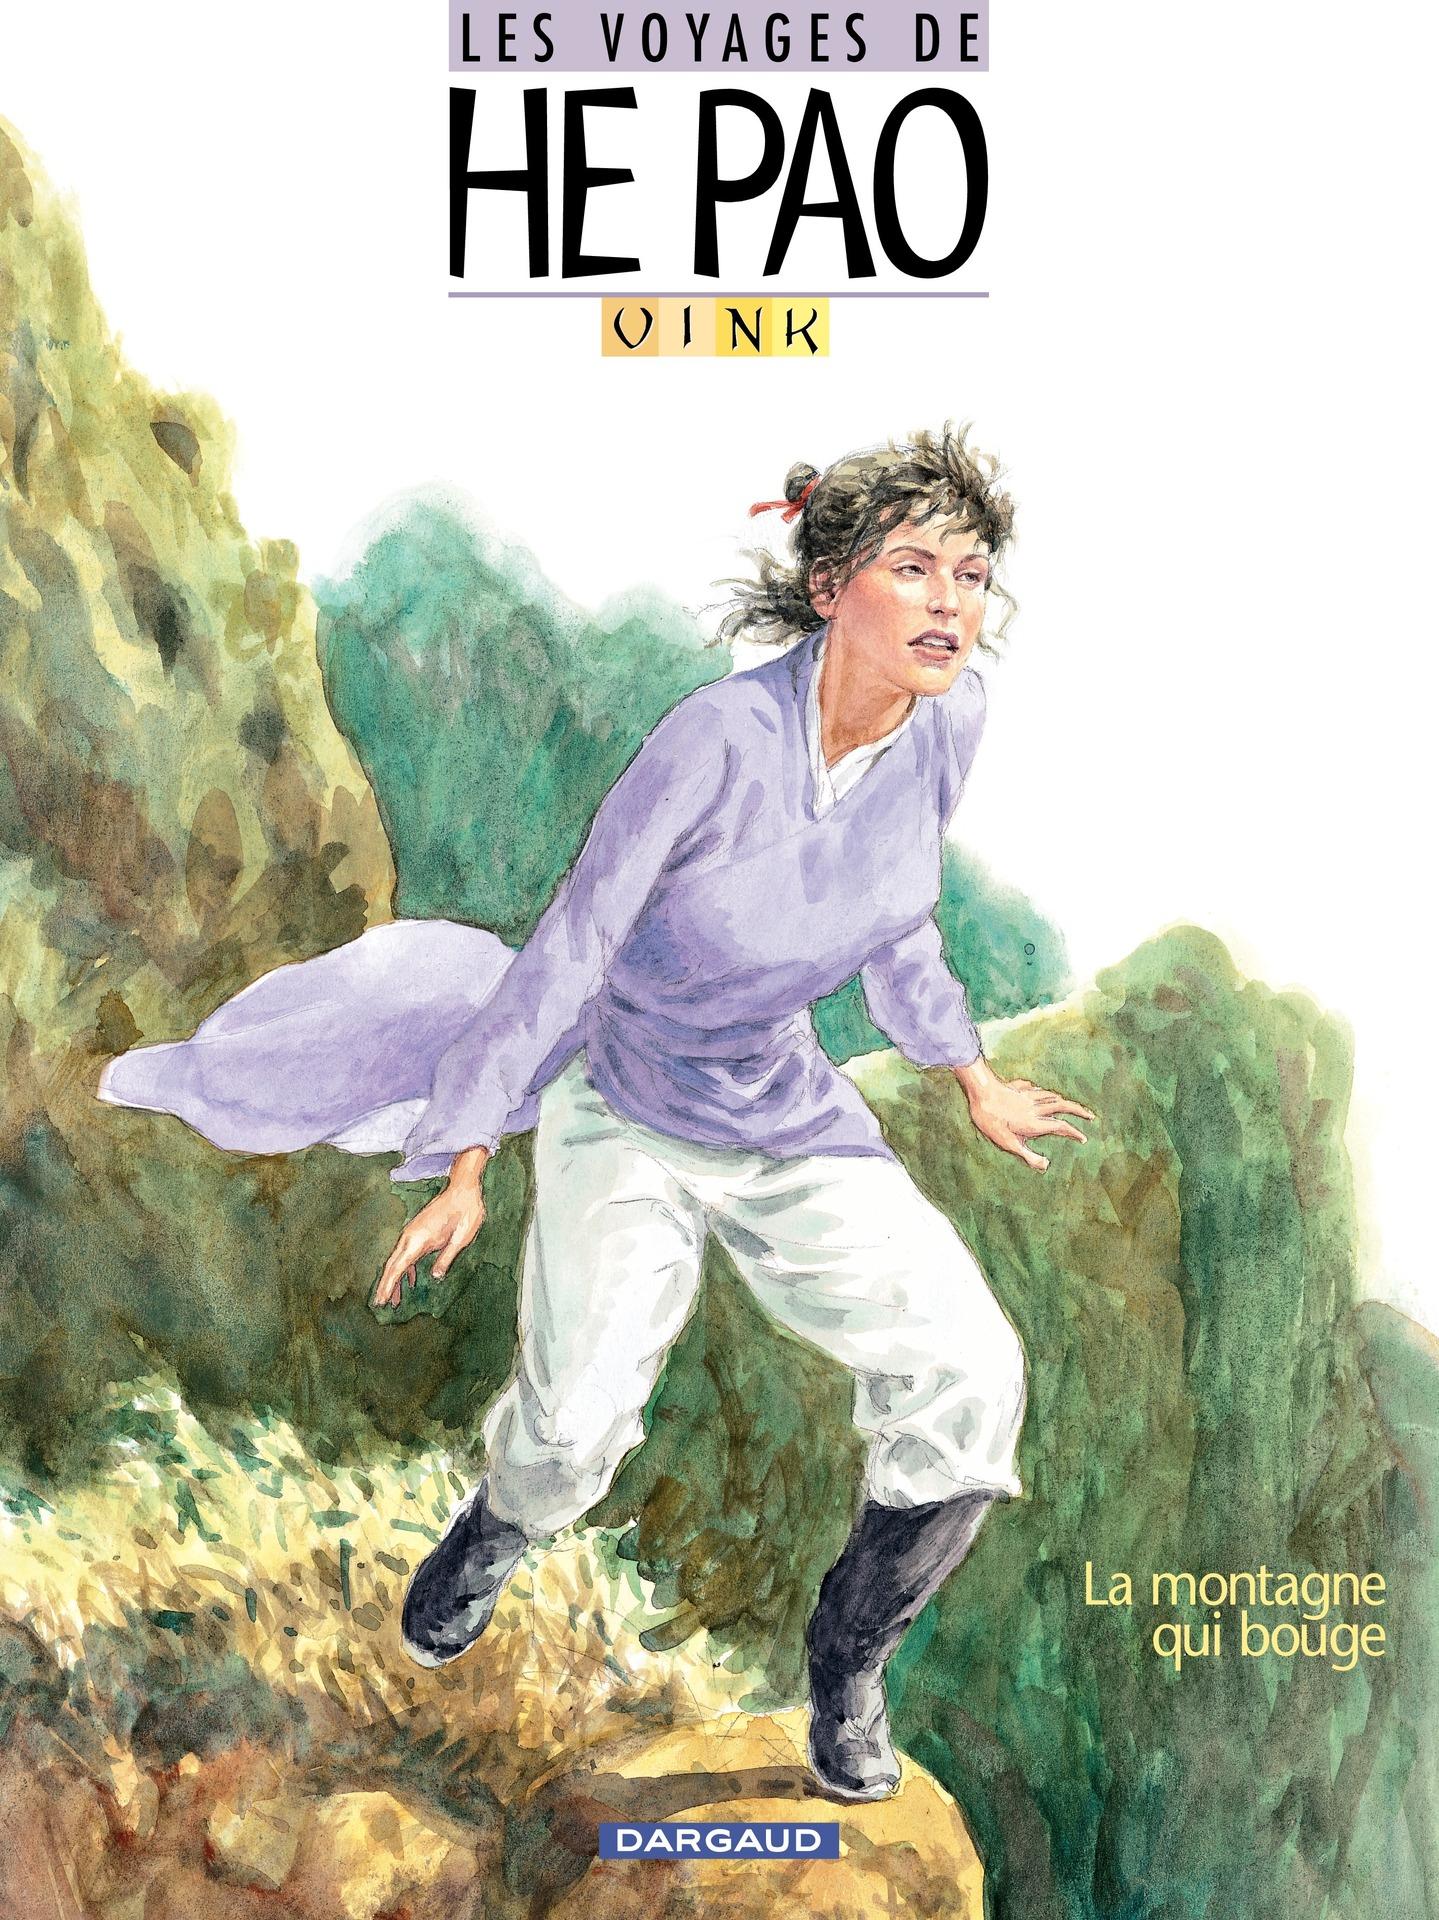 Les Voyages d'He Pao - Tome 1 - La montagne qui bouge